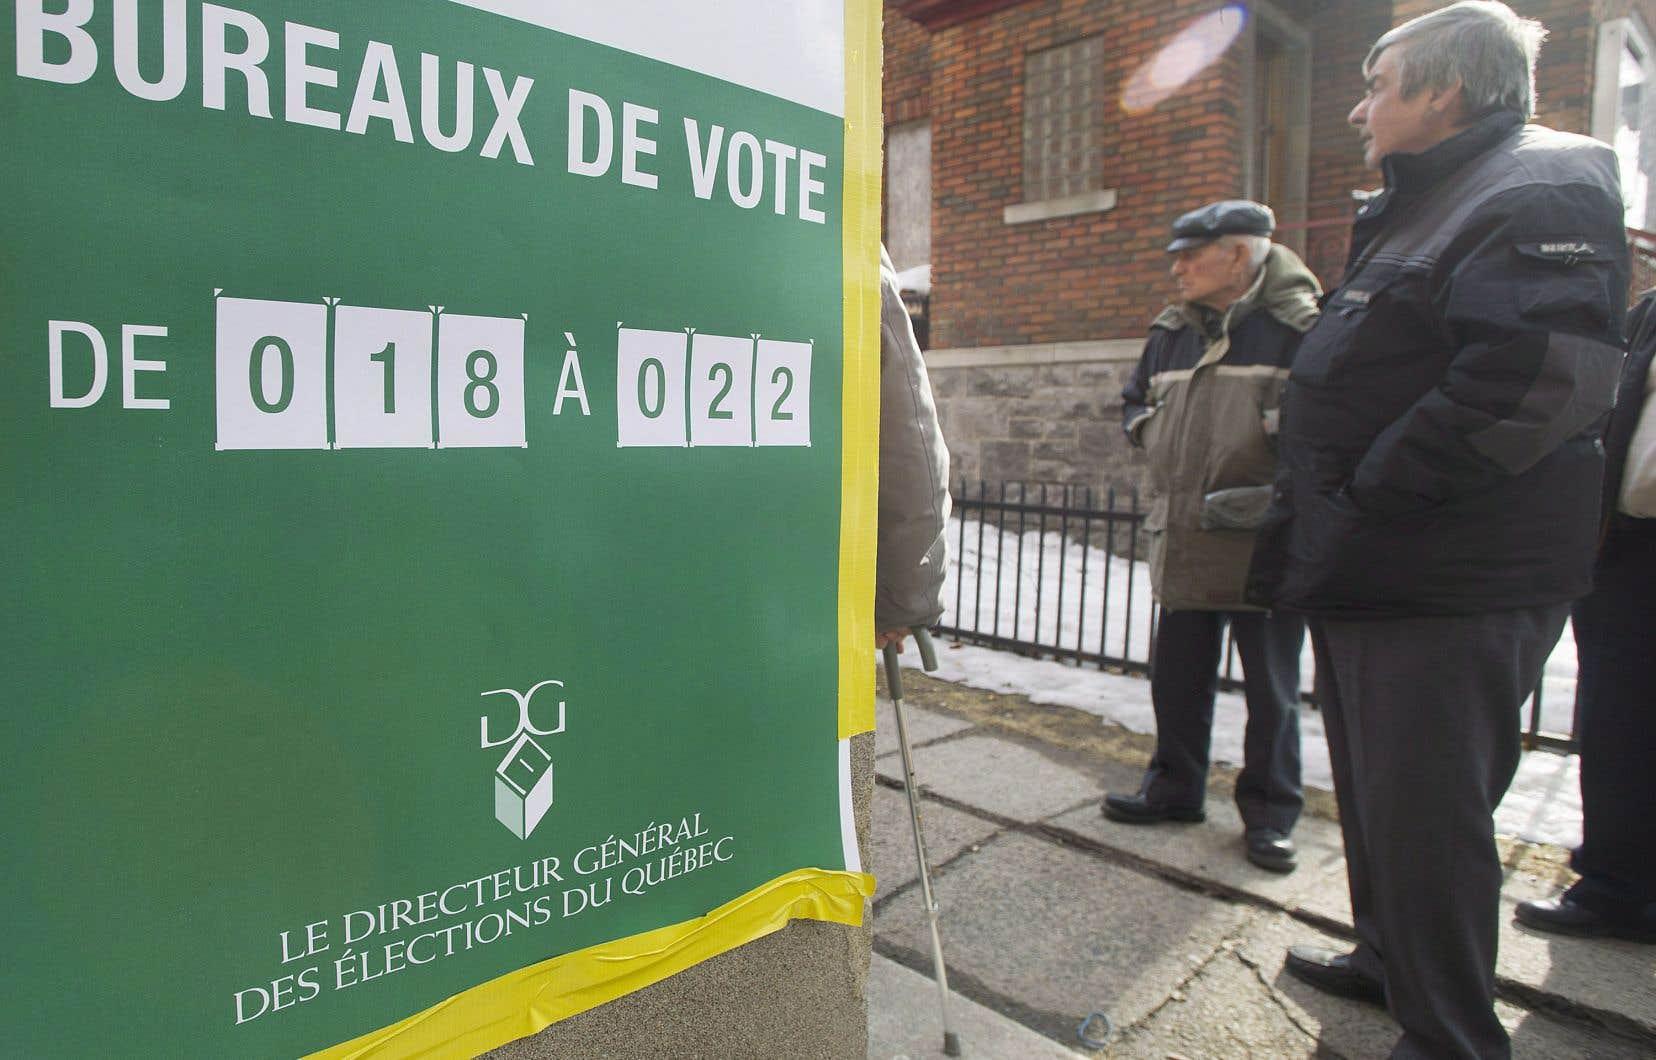 «Pour que les Québécois n'aient pas l'impression d'un coup de force par des élites massivement opposées au système actuel, reste l'option de faire valider le tout par les citoyens dans le cadre d'un référendum», proposent les auteurs.